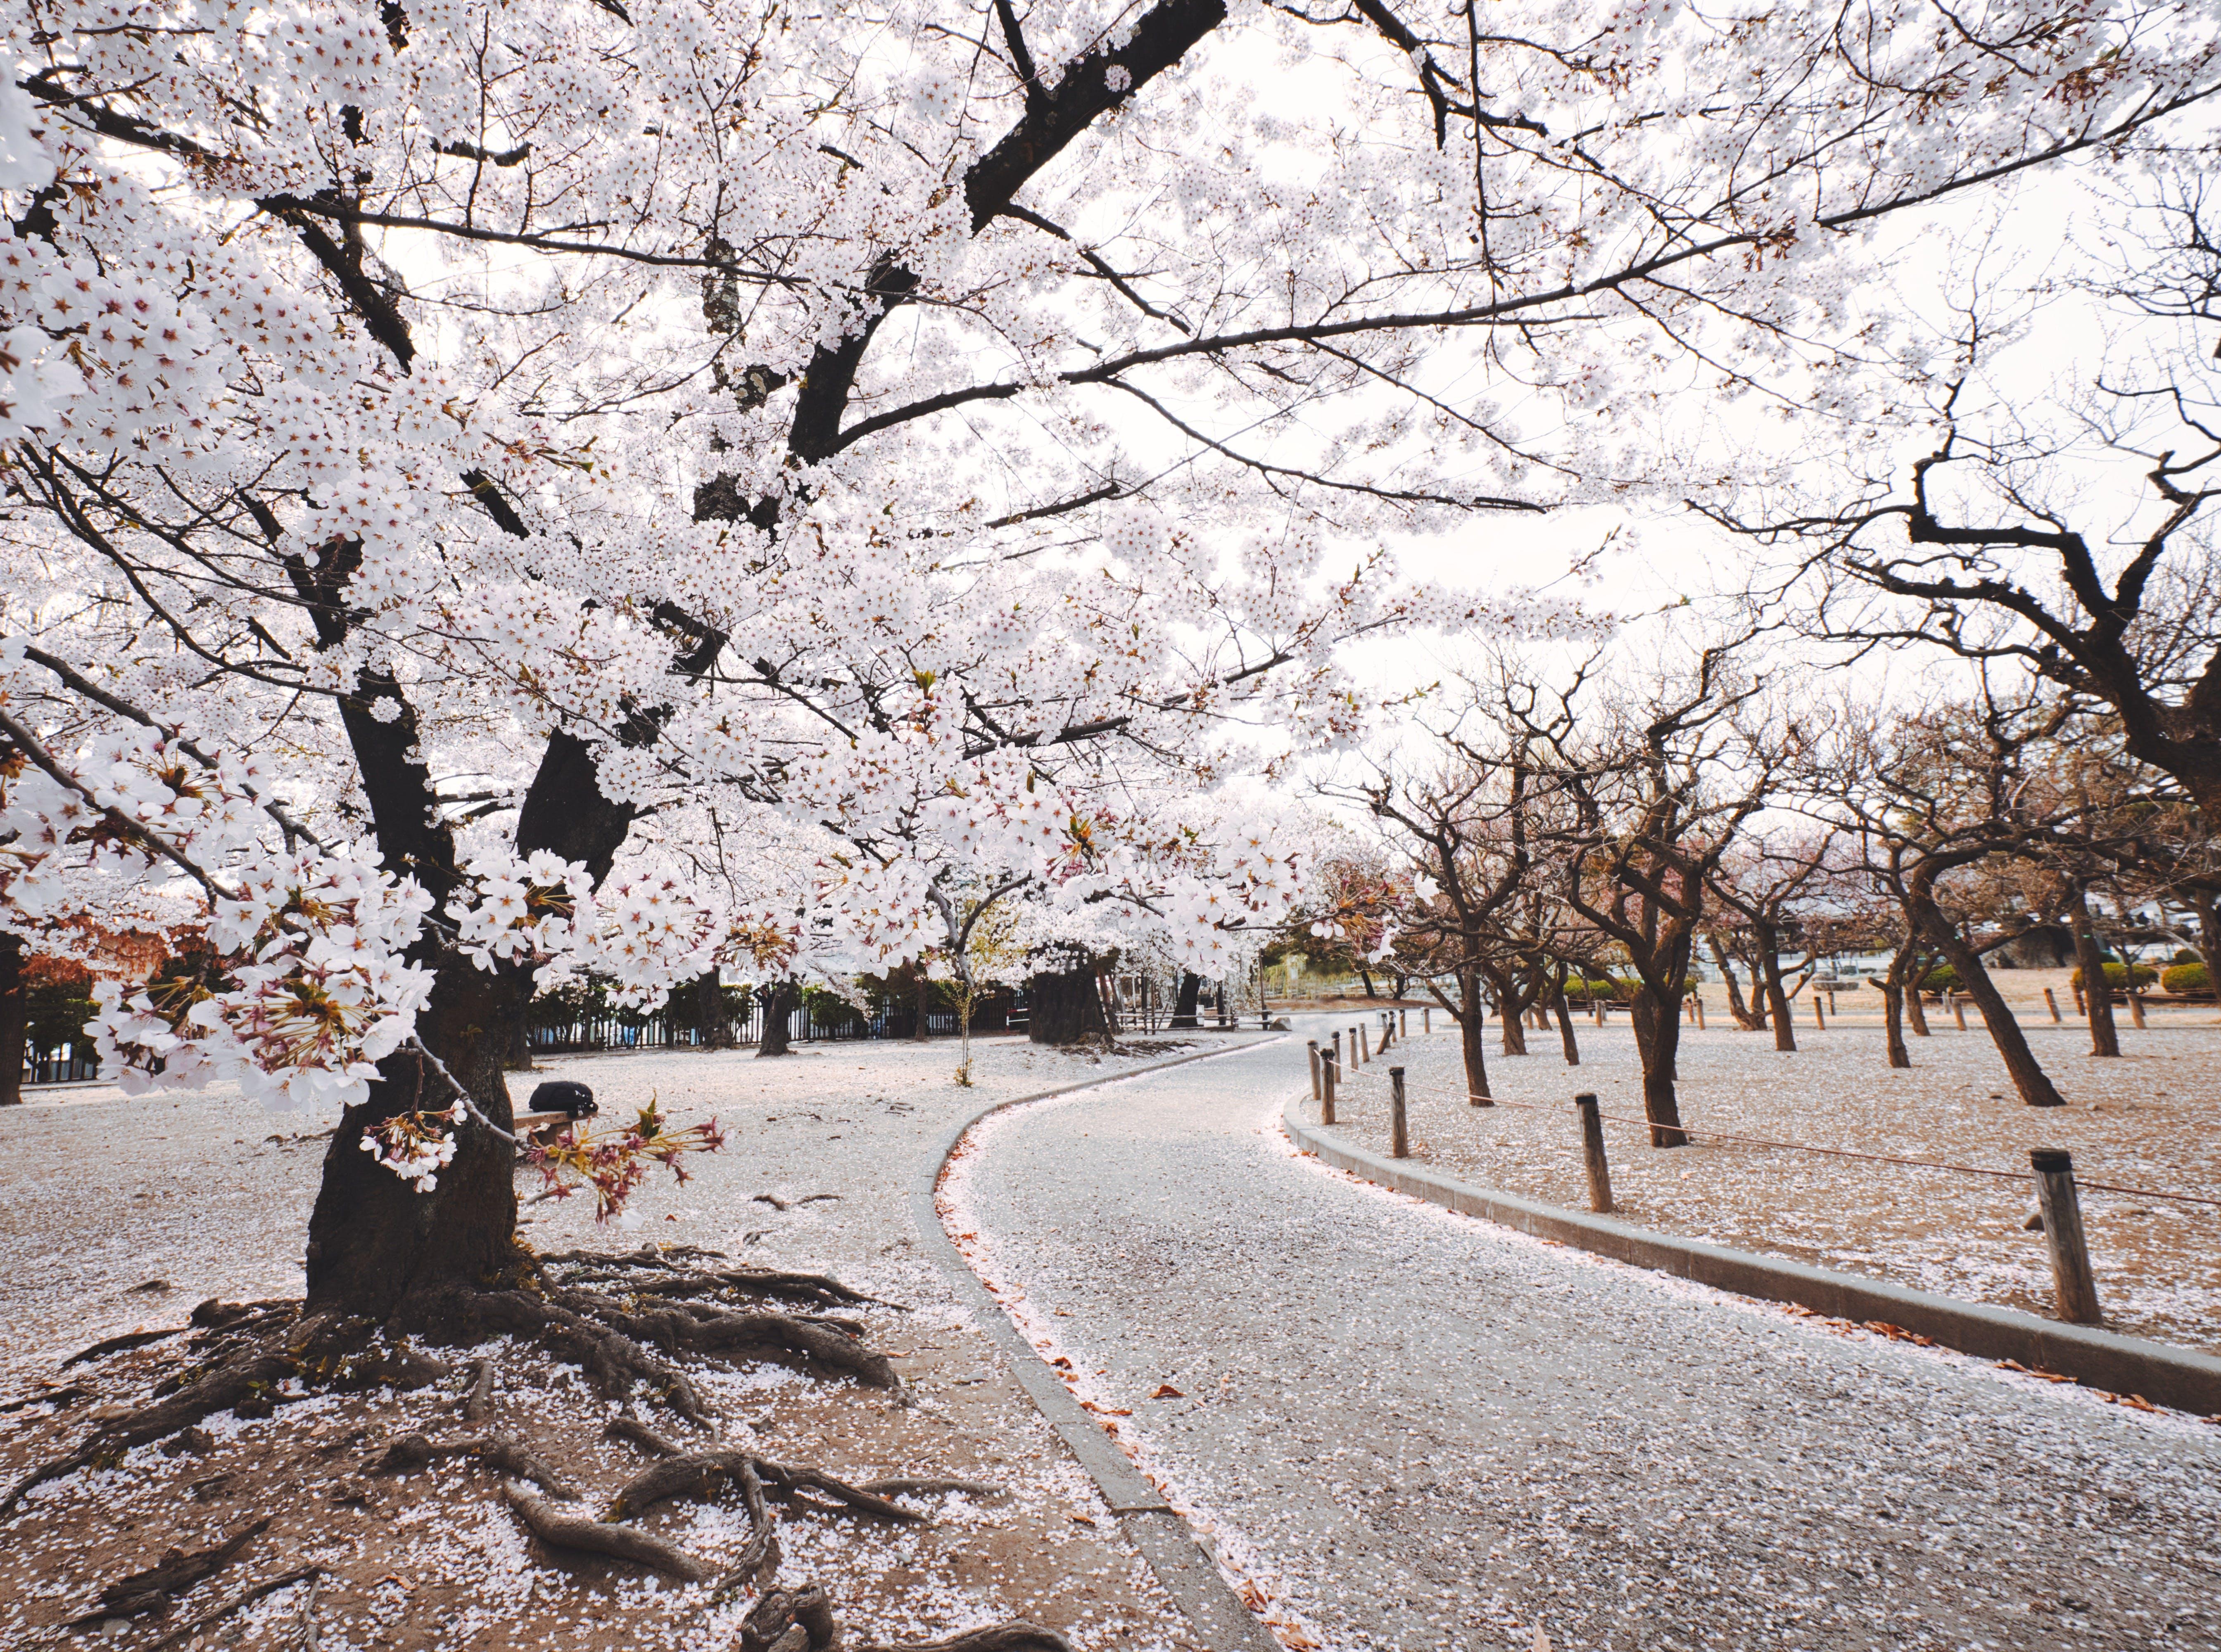 Immagine gratuita di albero, bocciolo, fiori di ciliegio, freddo